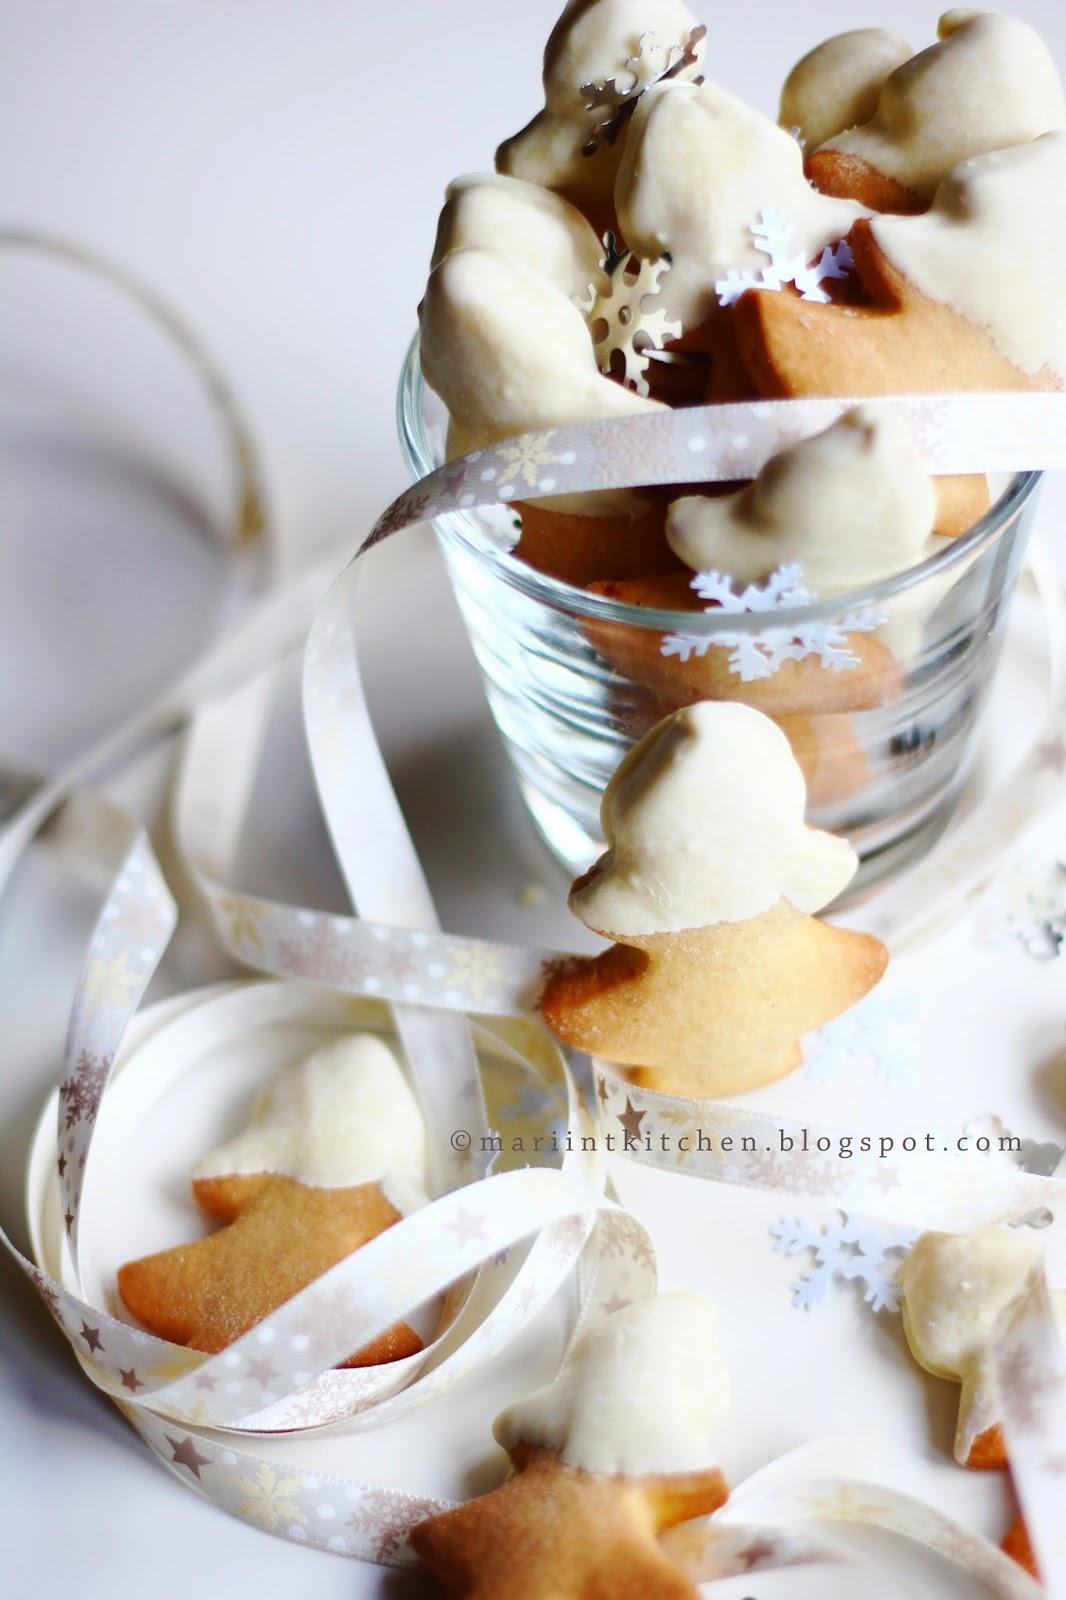 biscotti di natale #2: biscotti allo zenzero e cioccolato bianco